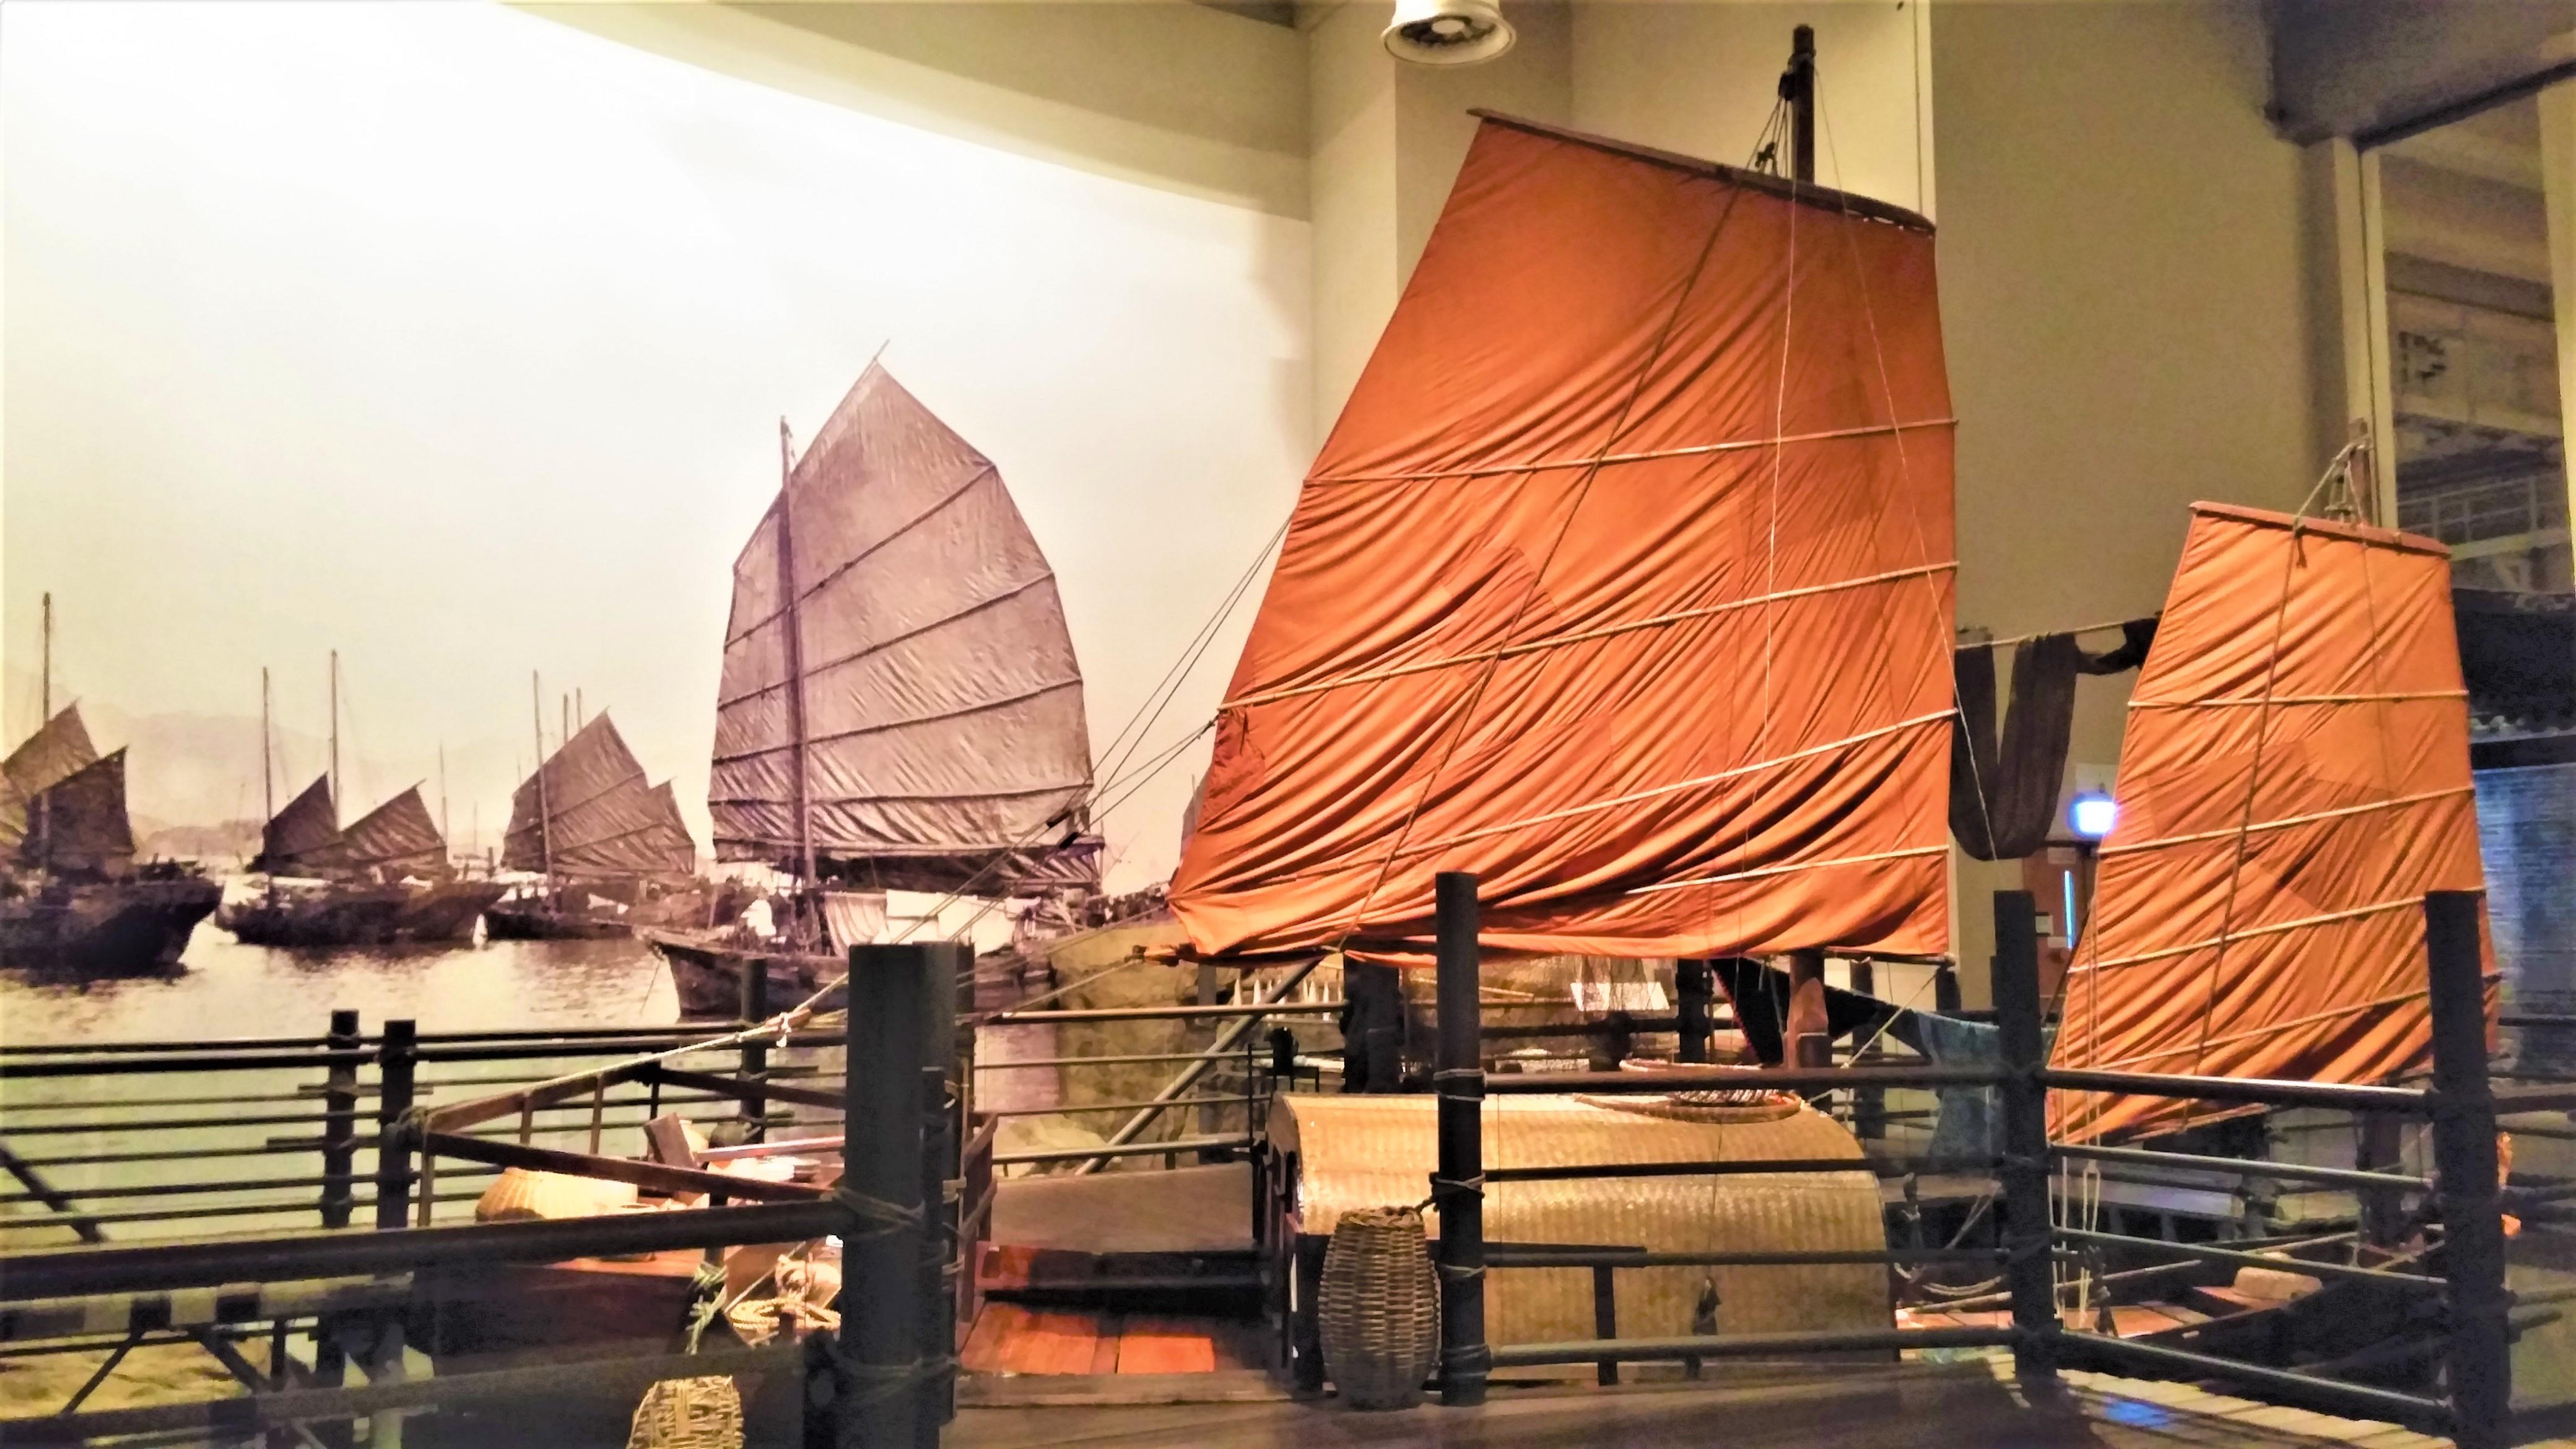 Junk boat scenery at Hong Kong Story exhibition